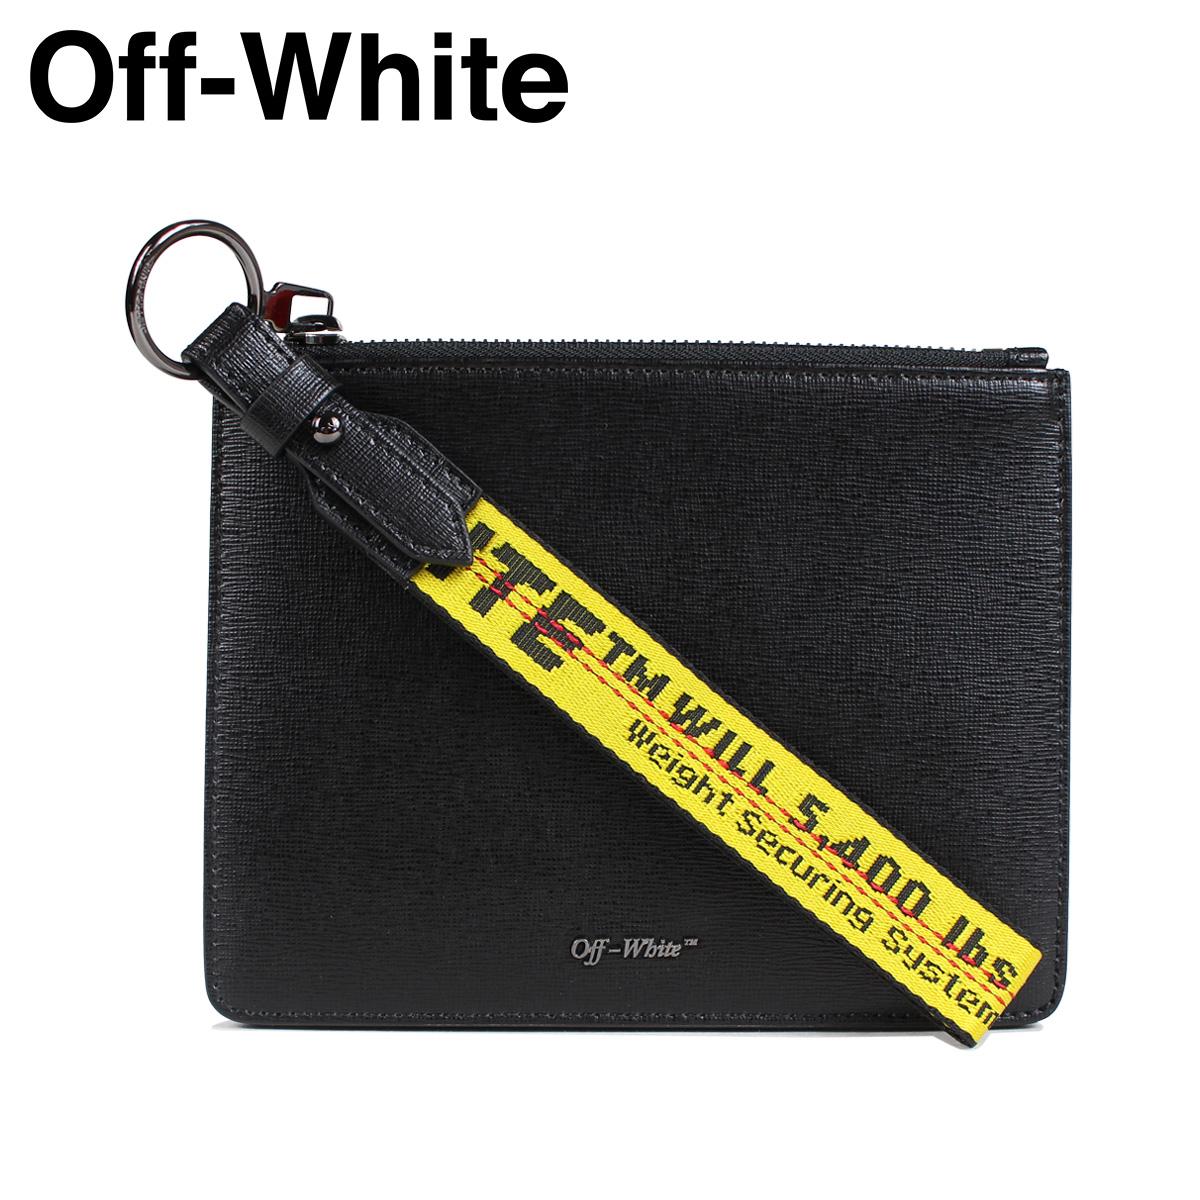 オフホワイト Off-white 小銭入れ コインケース ポーチ メンズ レディース DOUBLE FLAT POUCH ブラック 黒 OMNF001 647004